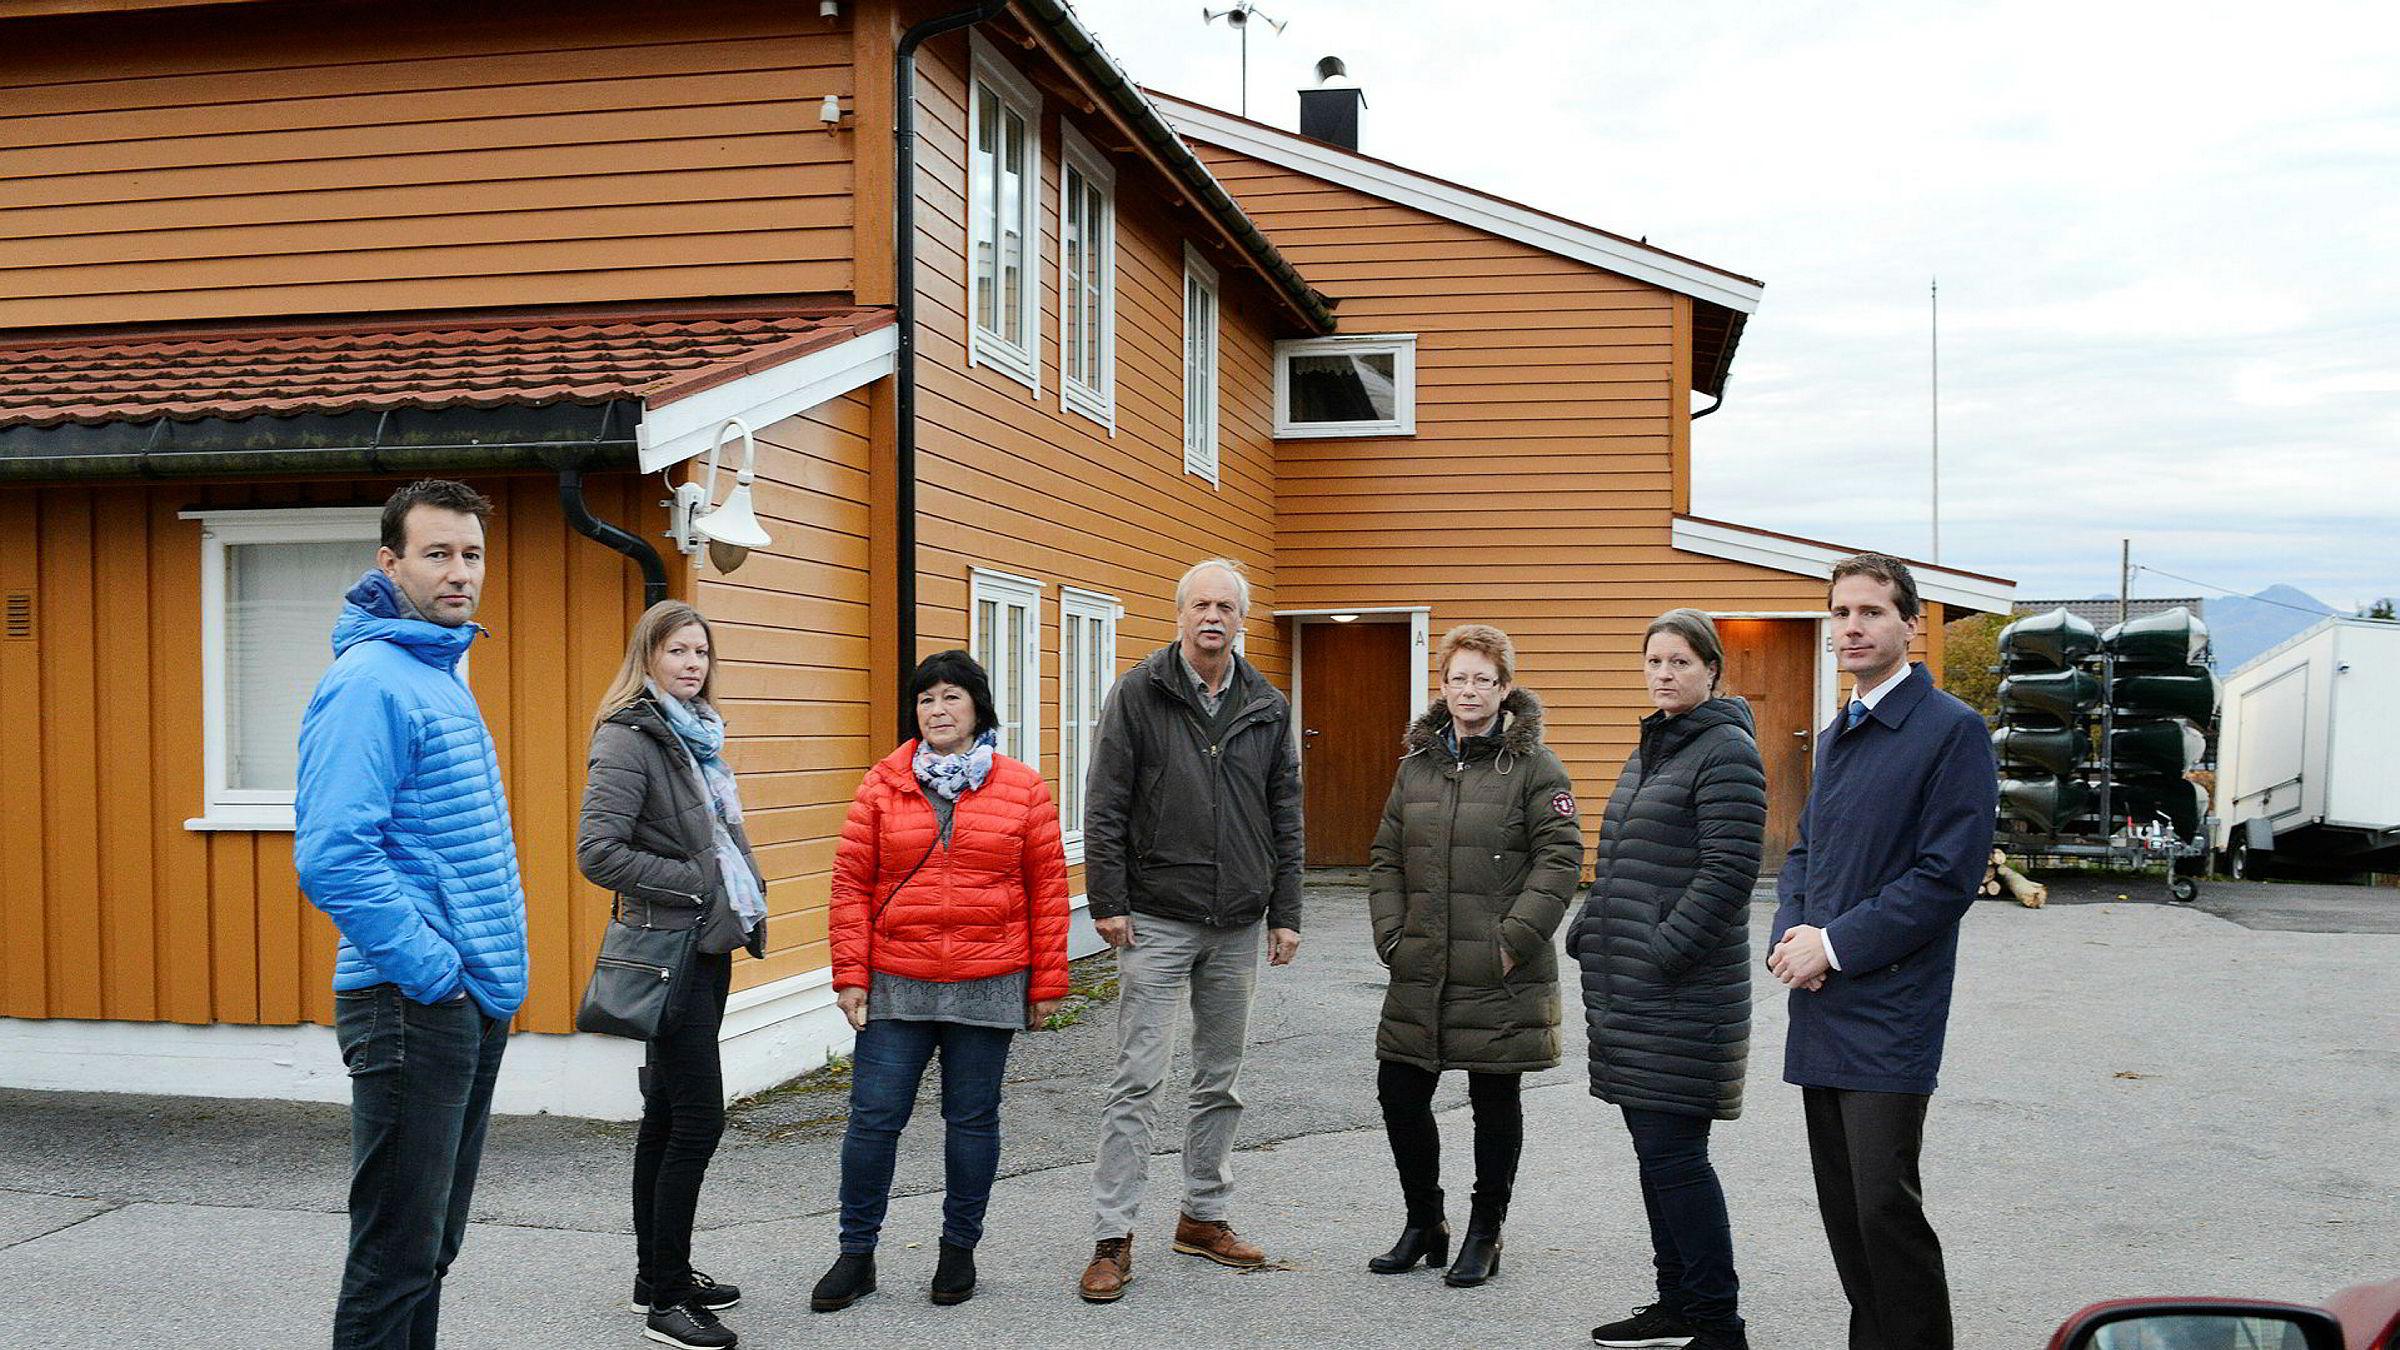 Det tidligere samarbeidsutvalget og deres advokat utenfor det som var Teoball barnehage i Molde. Fra venstre; Åge Vassdal, Hege Olsen, Audny Frostad, Arnt-Inge Sæter, Toril Y. Otterholm, Ann-Kristin Stormyr og Erik Wold.